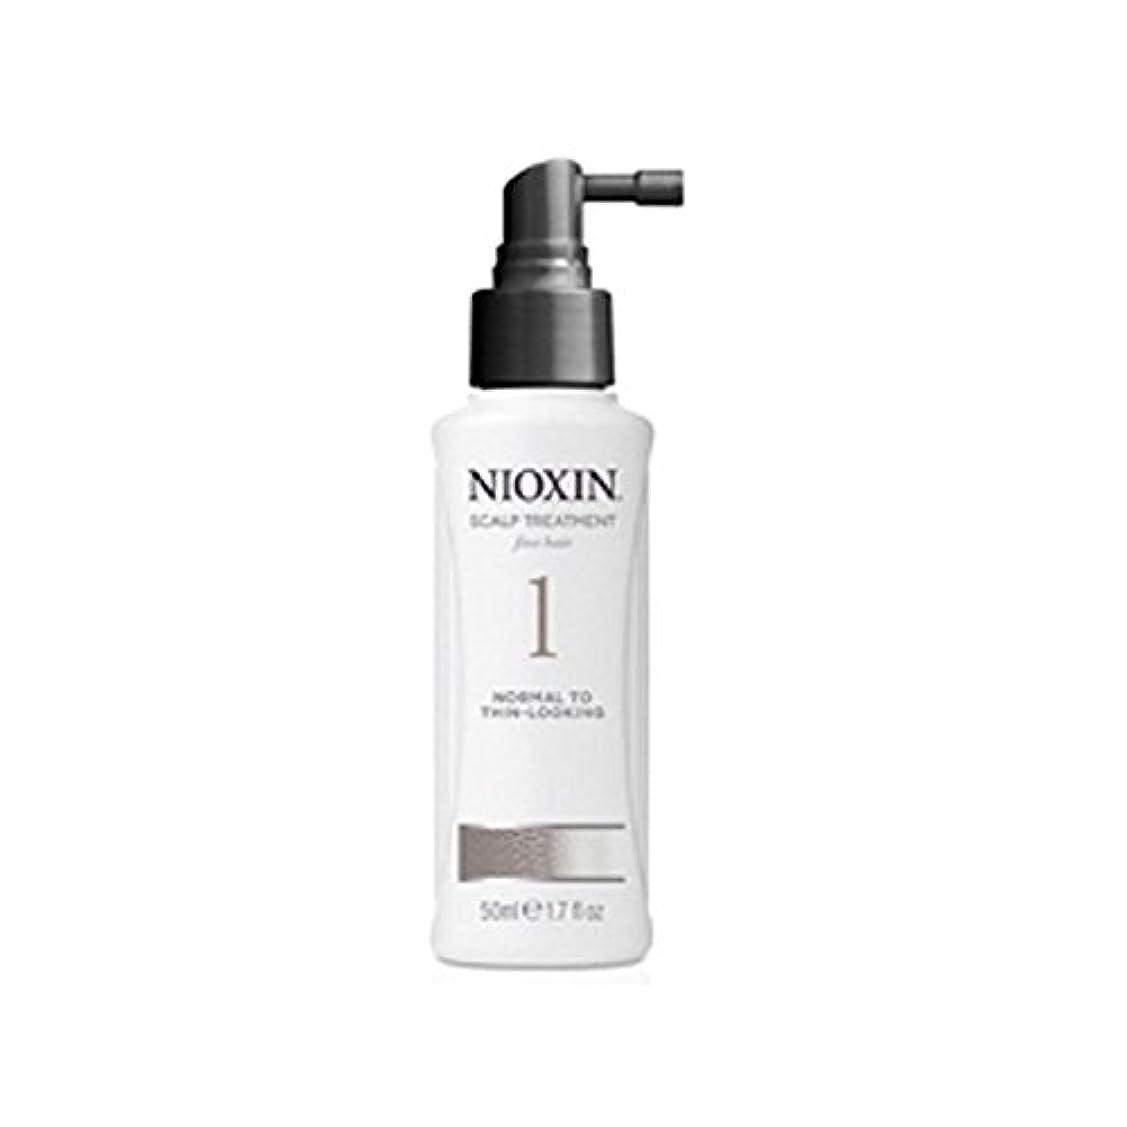 バルセロナ六分儀知覚Nioxin System 1 Scalp Treatment For Normal To Fine Natural Hair (100ml) - 細かい自然な髪への通常のためニオキシンシステム1スカルプトリートメント(...